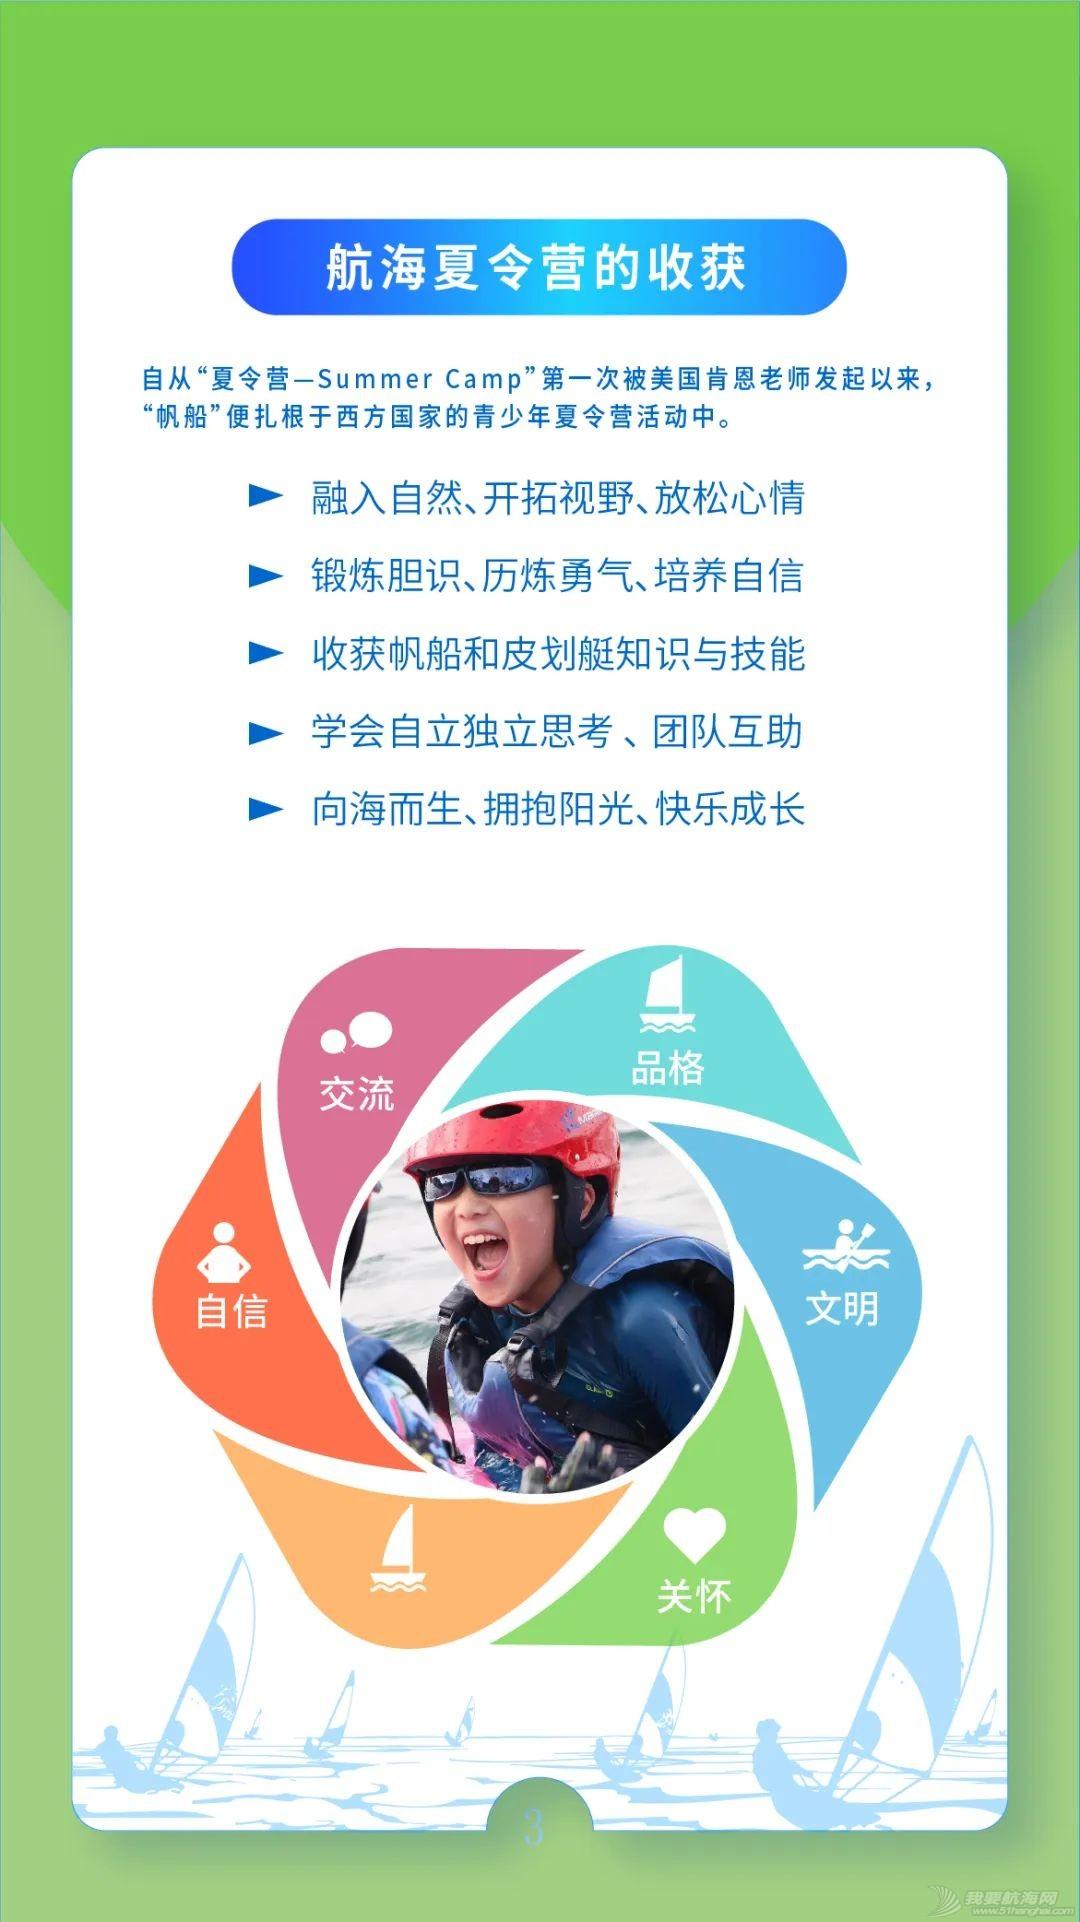 2021帆船夏令营之华南篇|中帆协小帆船认证培训中心营业啦②w22.jpg